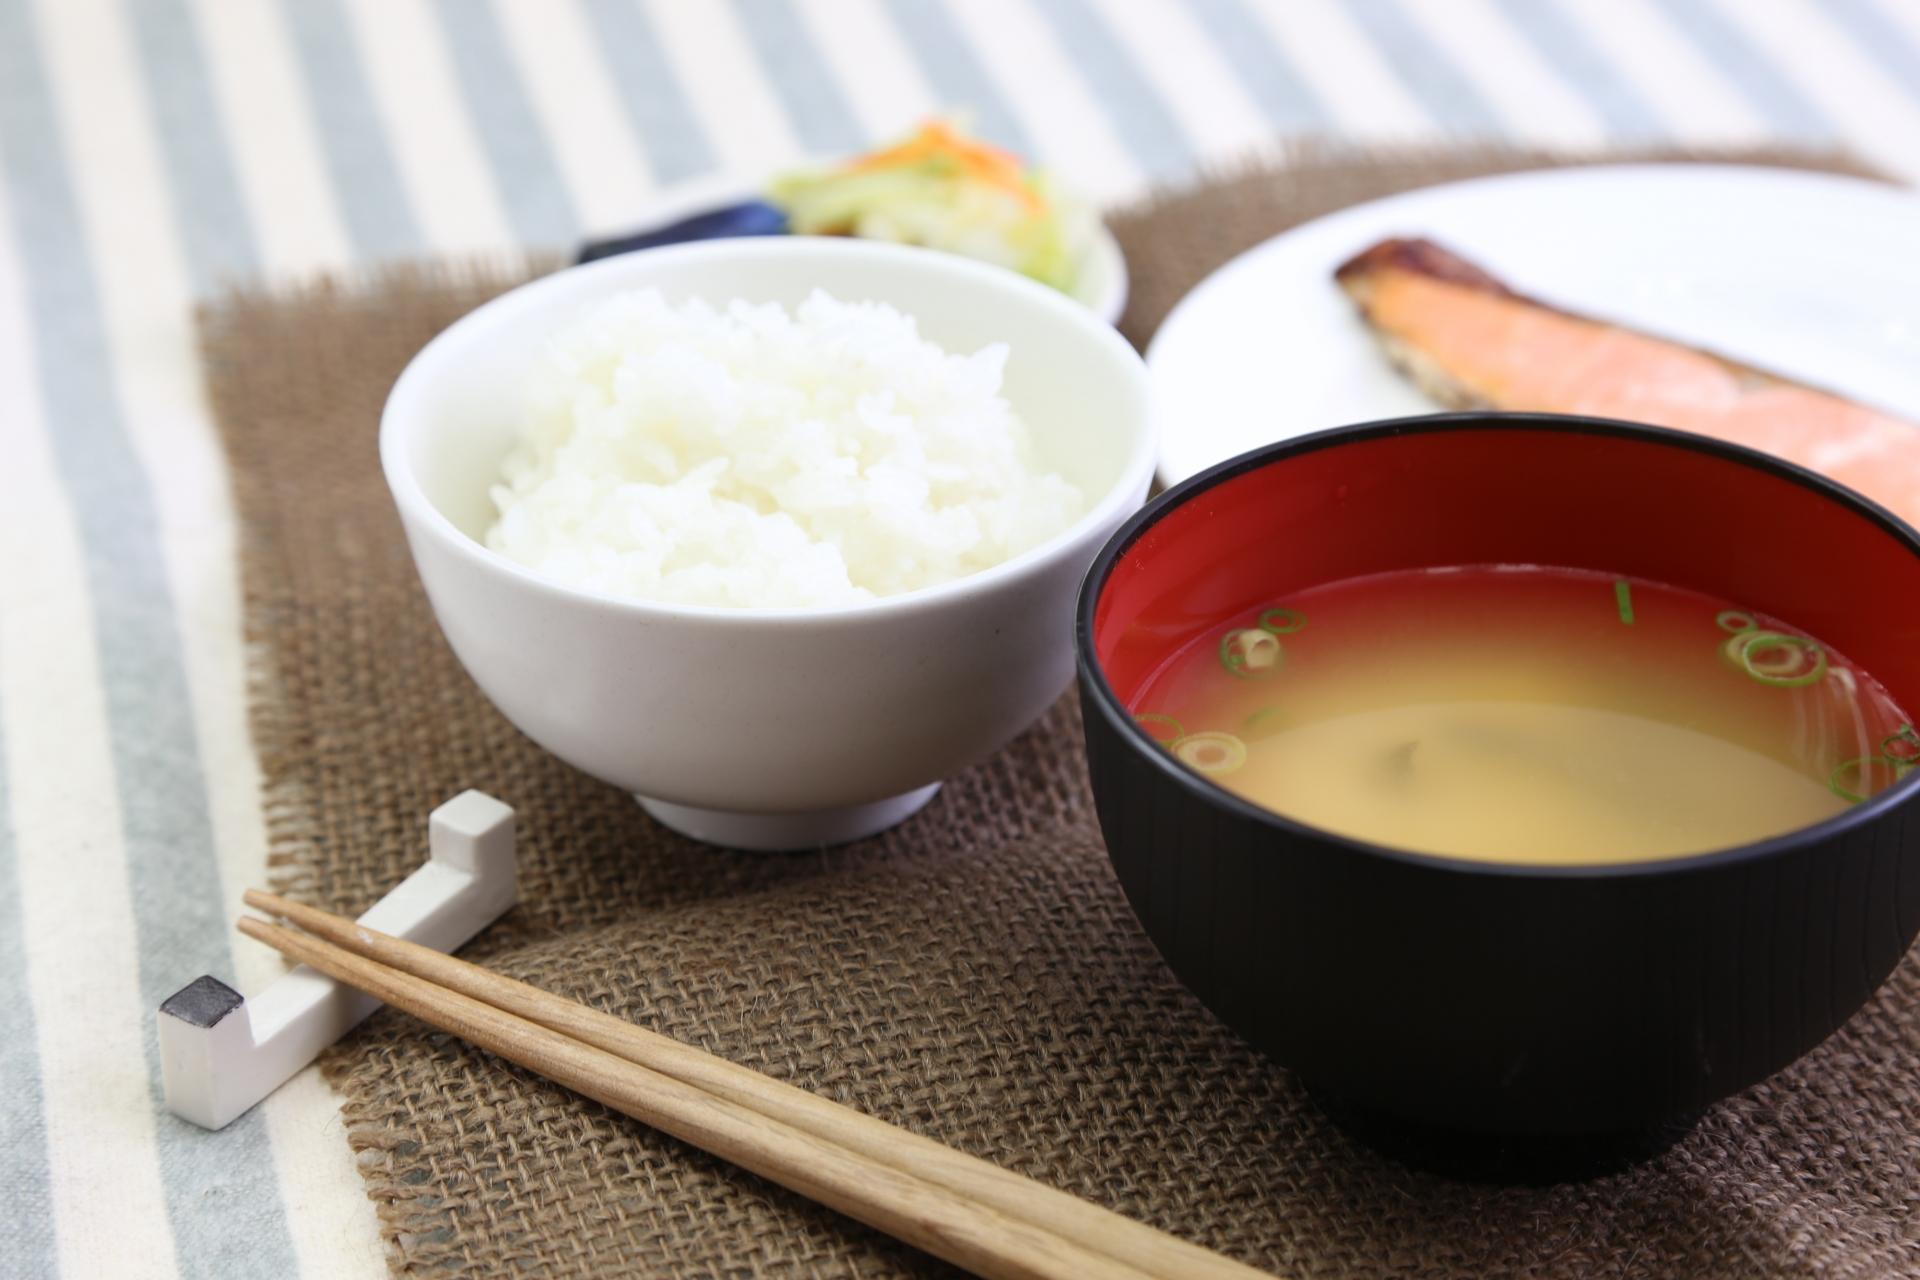 インスタント味噌汁のおすすめ3選【アレンジも】